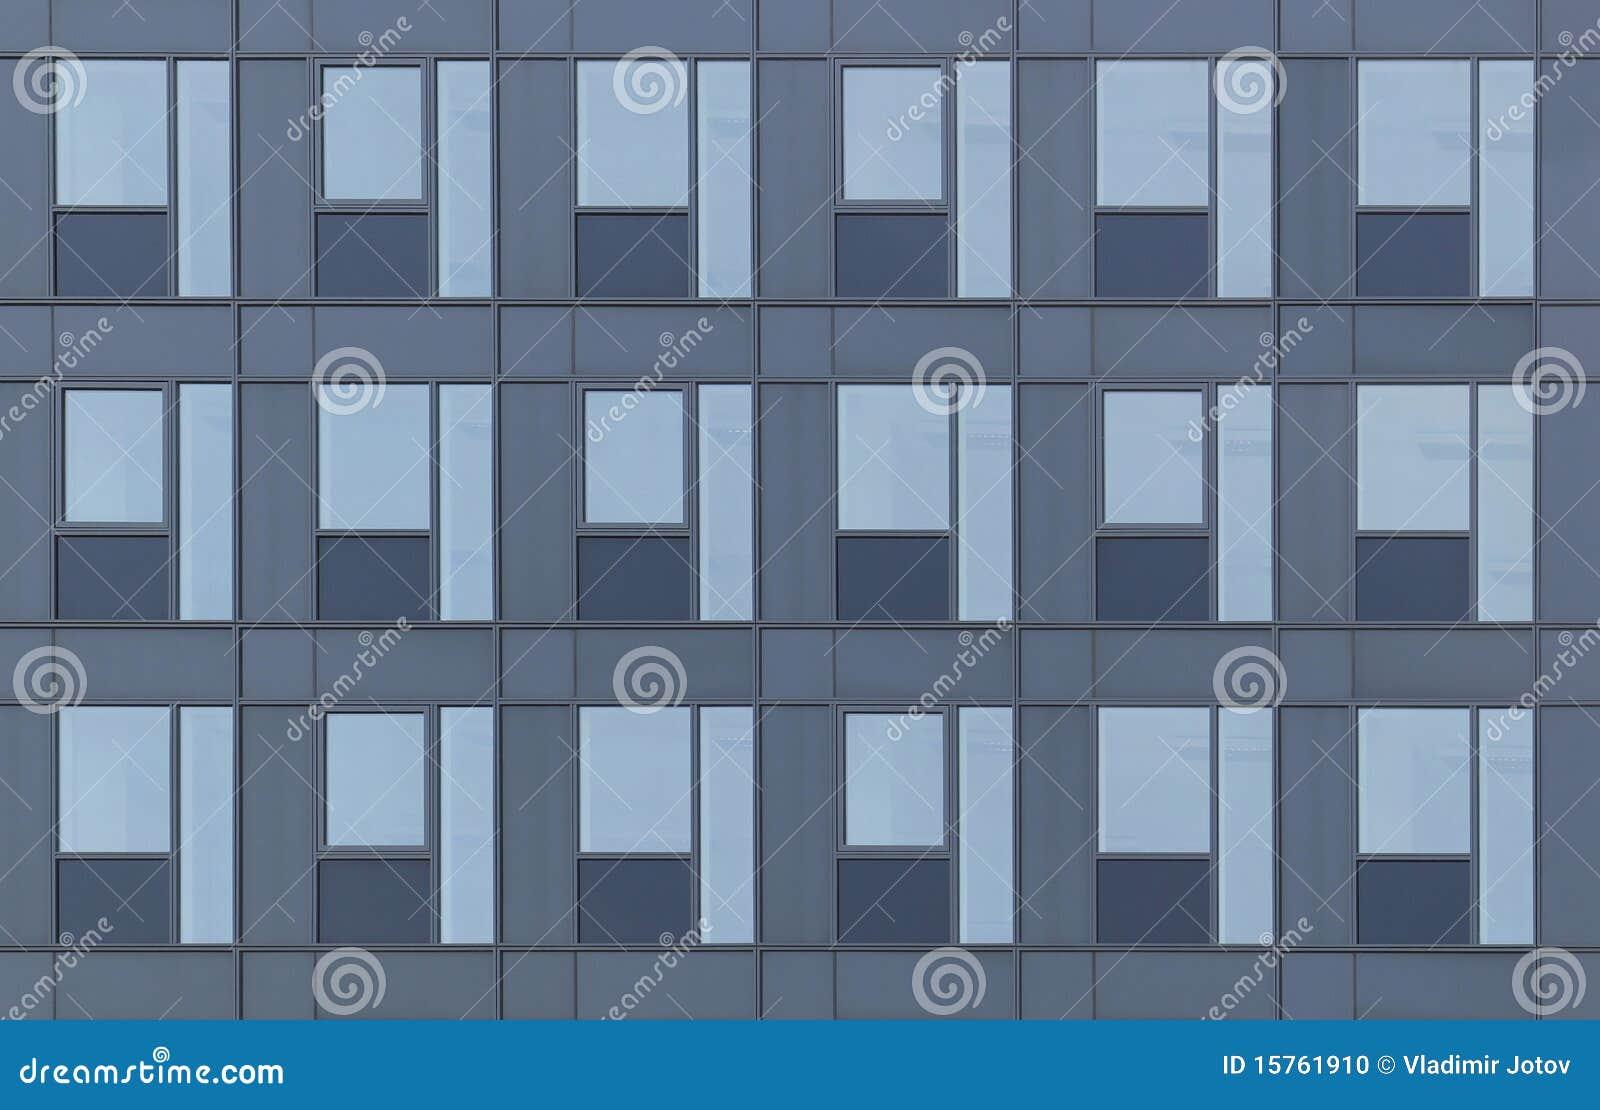 Reticolo delle finestre